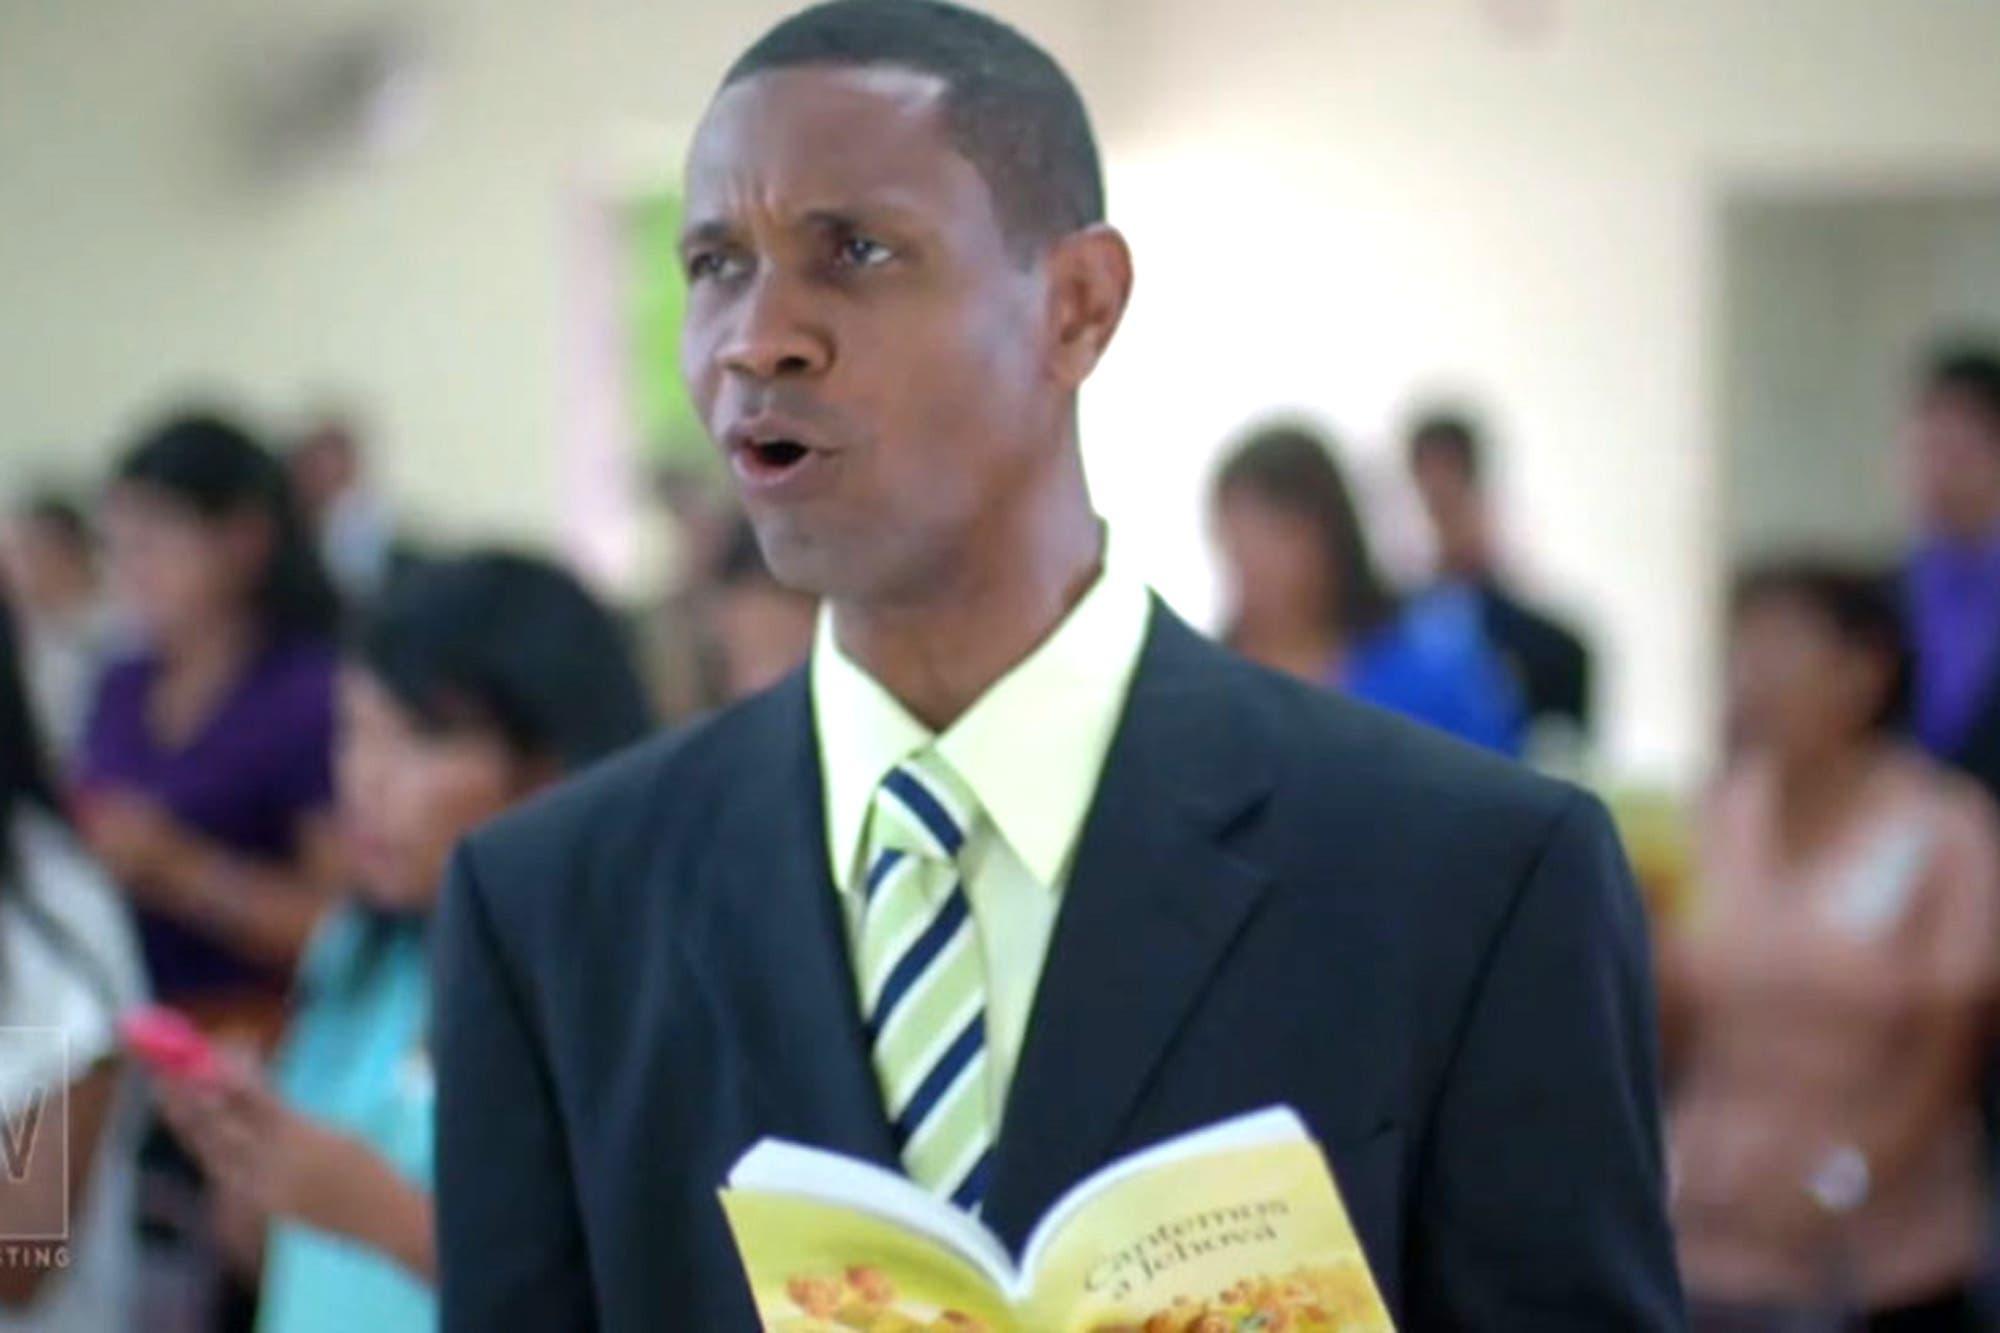 El creador del reggaetón hoy es Testigo de Jehová y se arrepiente de su carrera